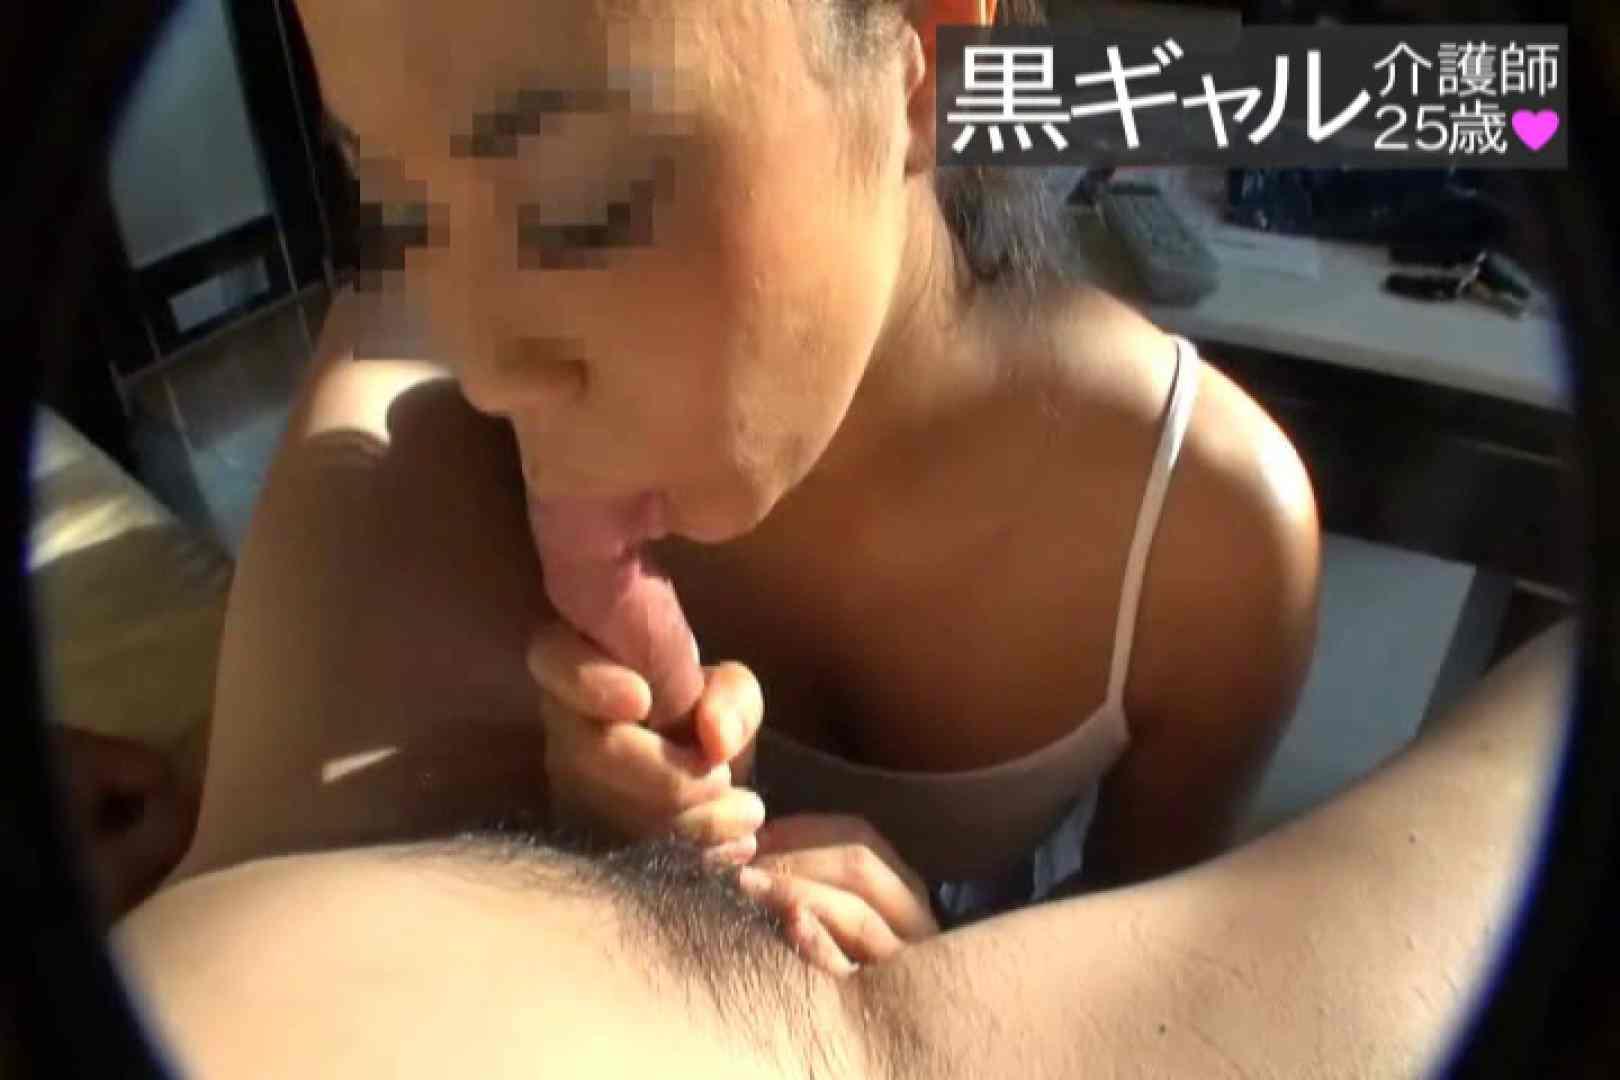 独占入手 従順M黒ギャル介護師25歳vol.6 勃起 セックス画像 78pic 34